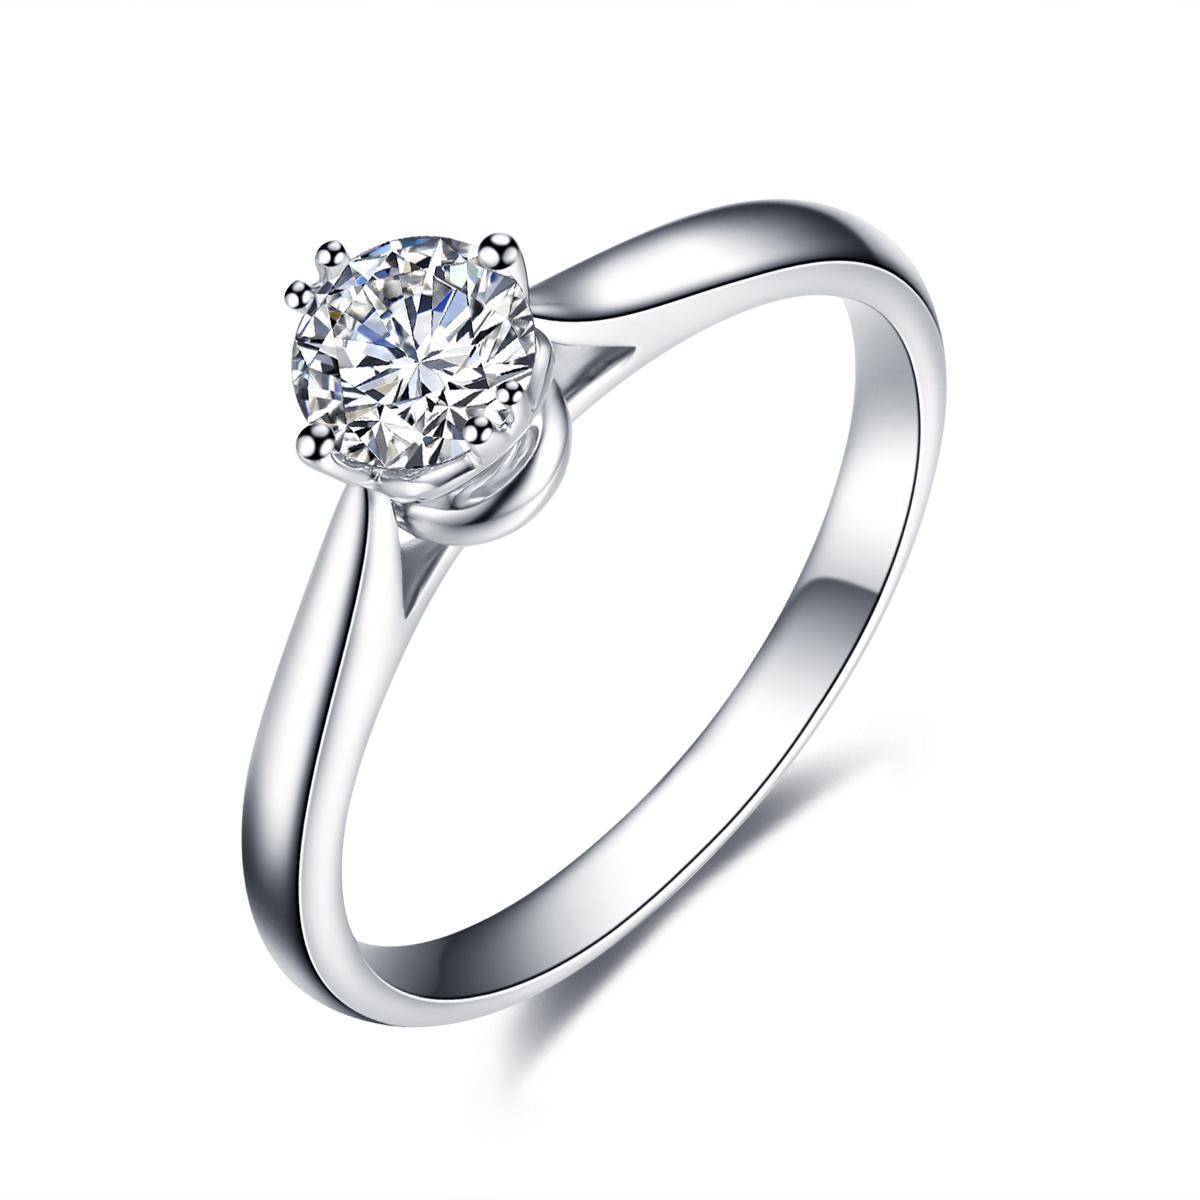 求婚戒指刻字有什么意义